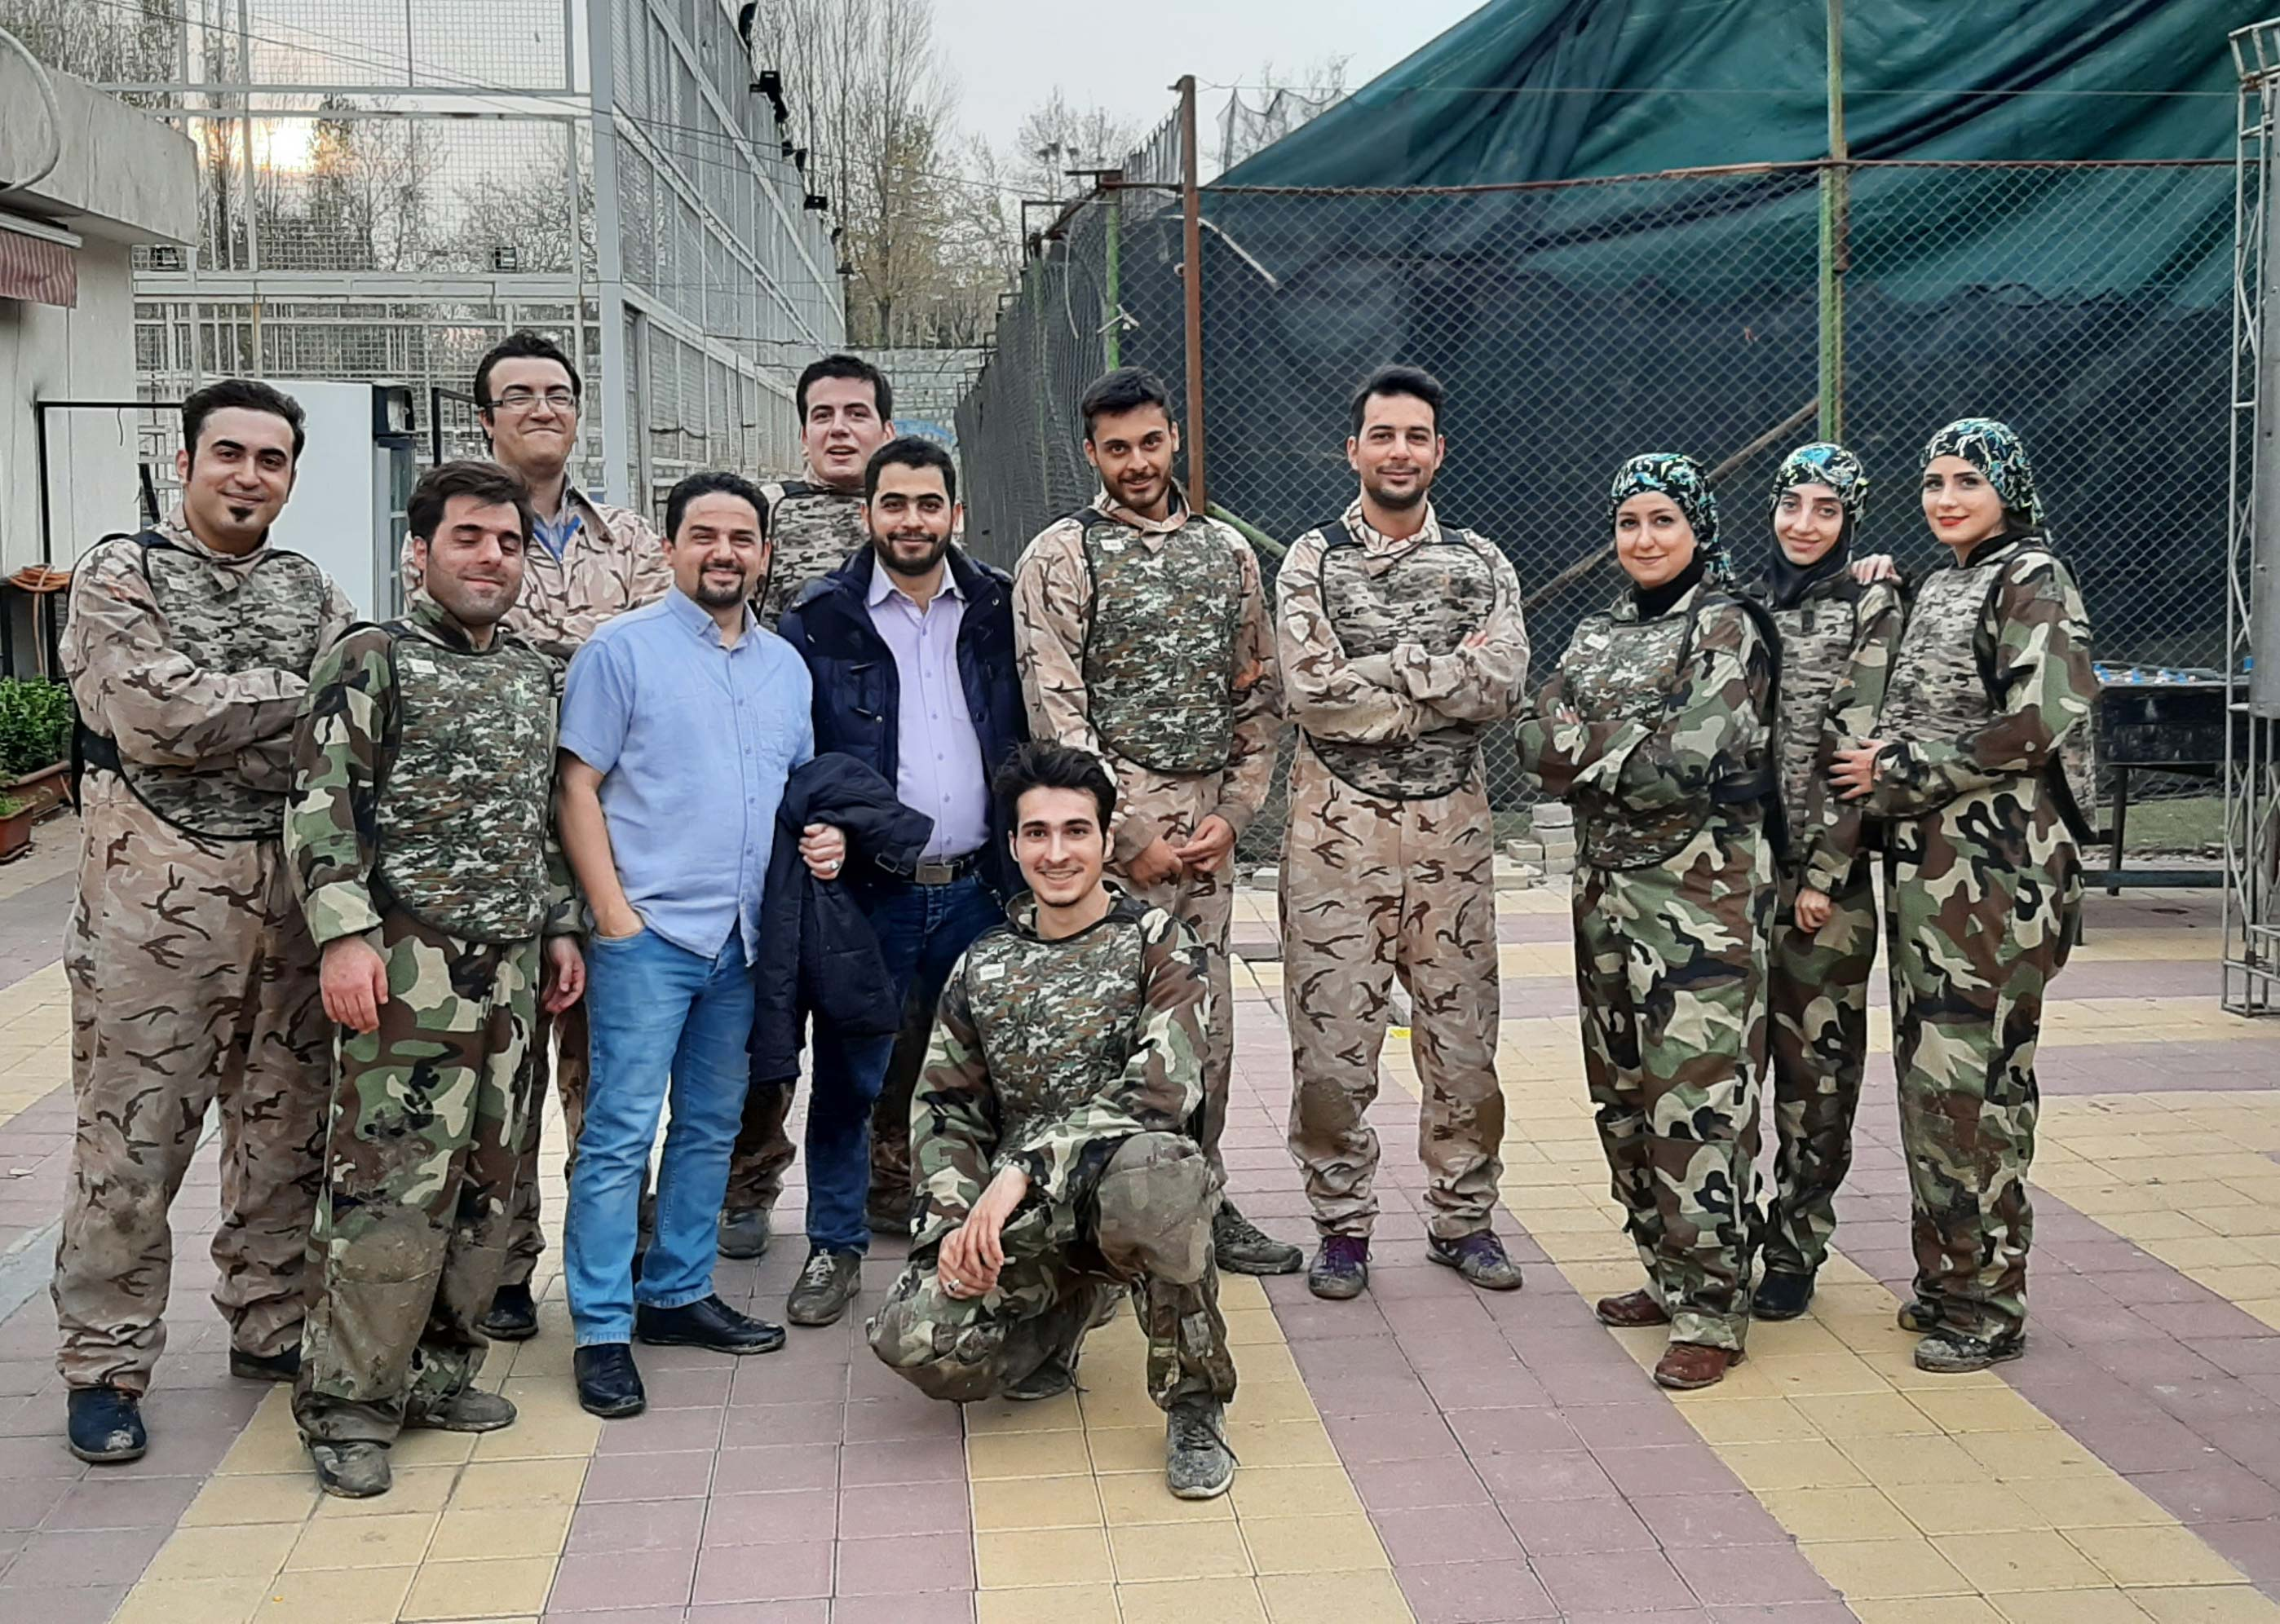 پینت بال به میزبانی ایران تکنولوژی-آذر 98